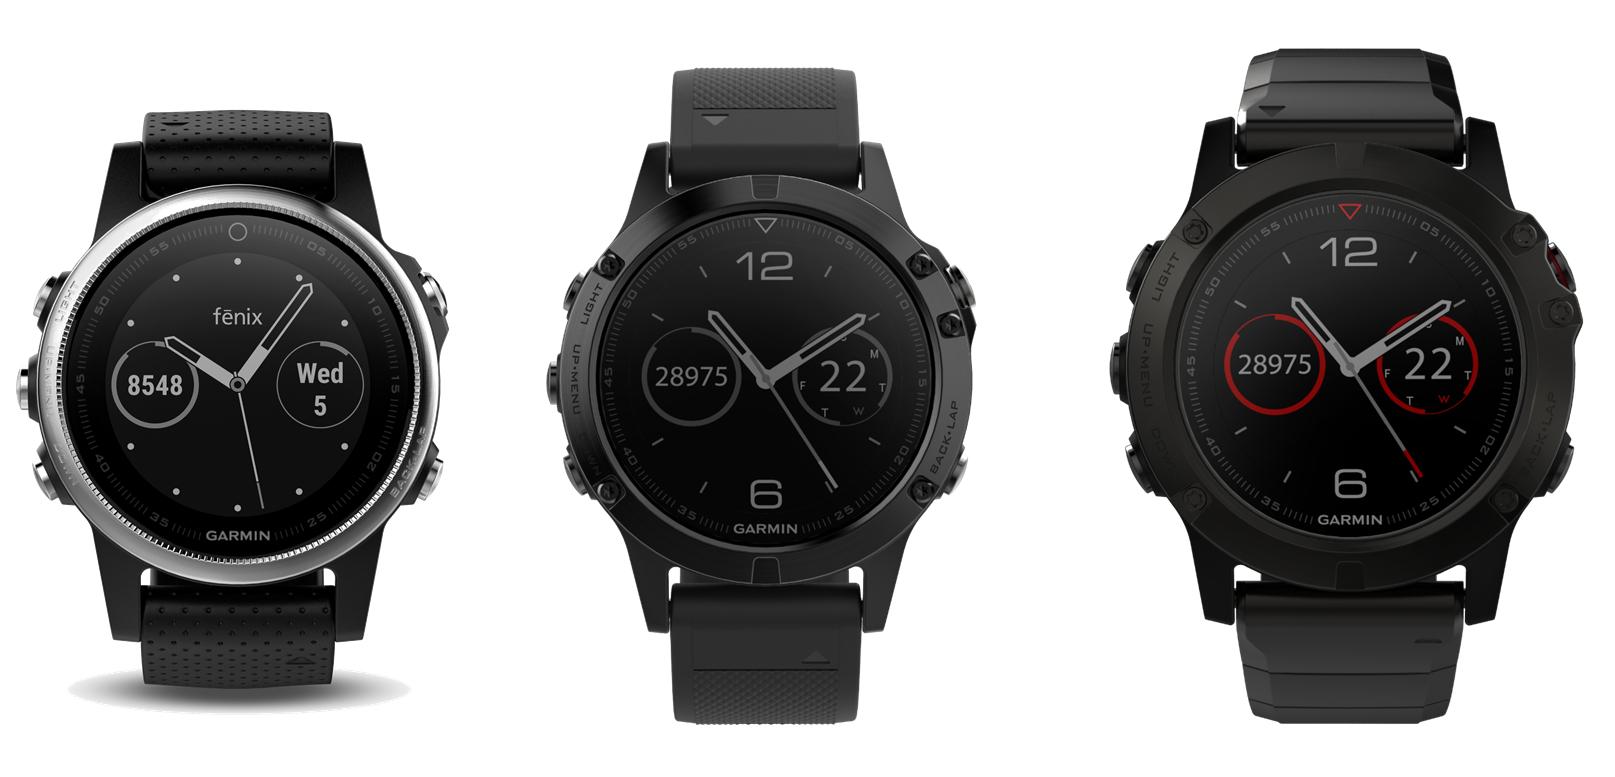 Den nye fënix 5 familie fra Garmin består af modellerne 5S, 5 og 5X.